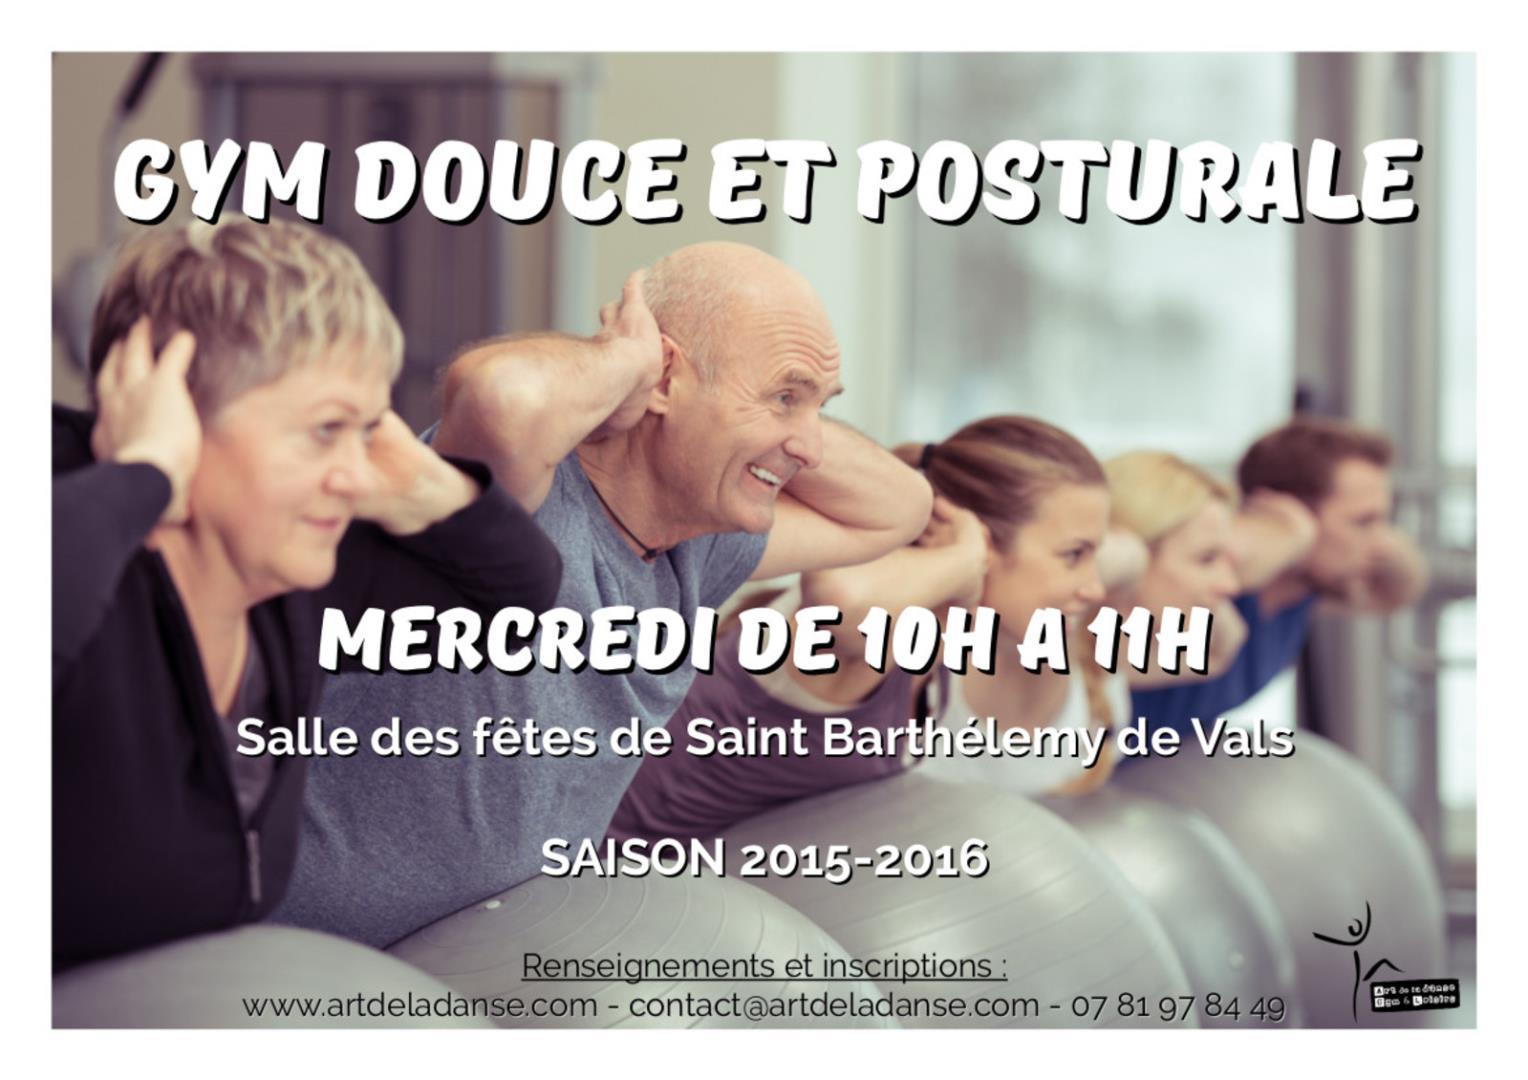 Gym douce et posturale - Art de la danse, Gym et Loisirs